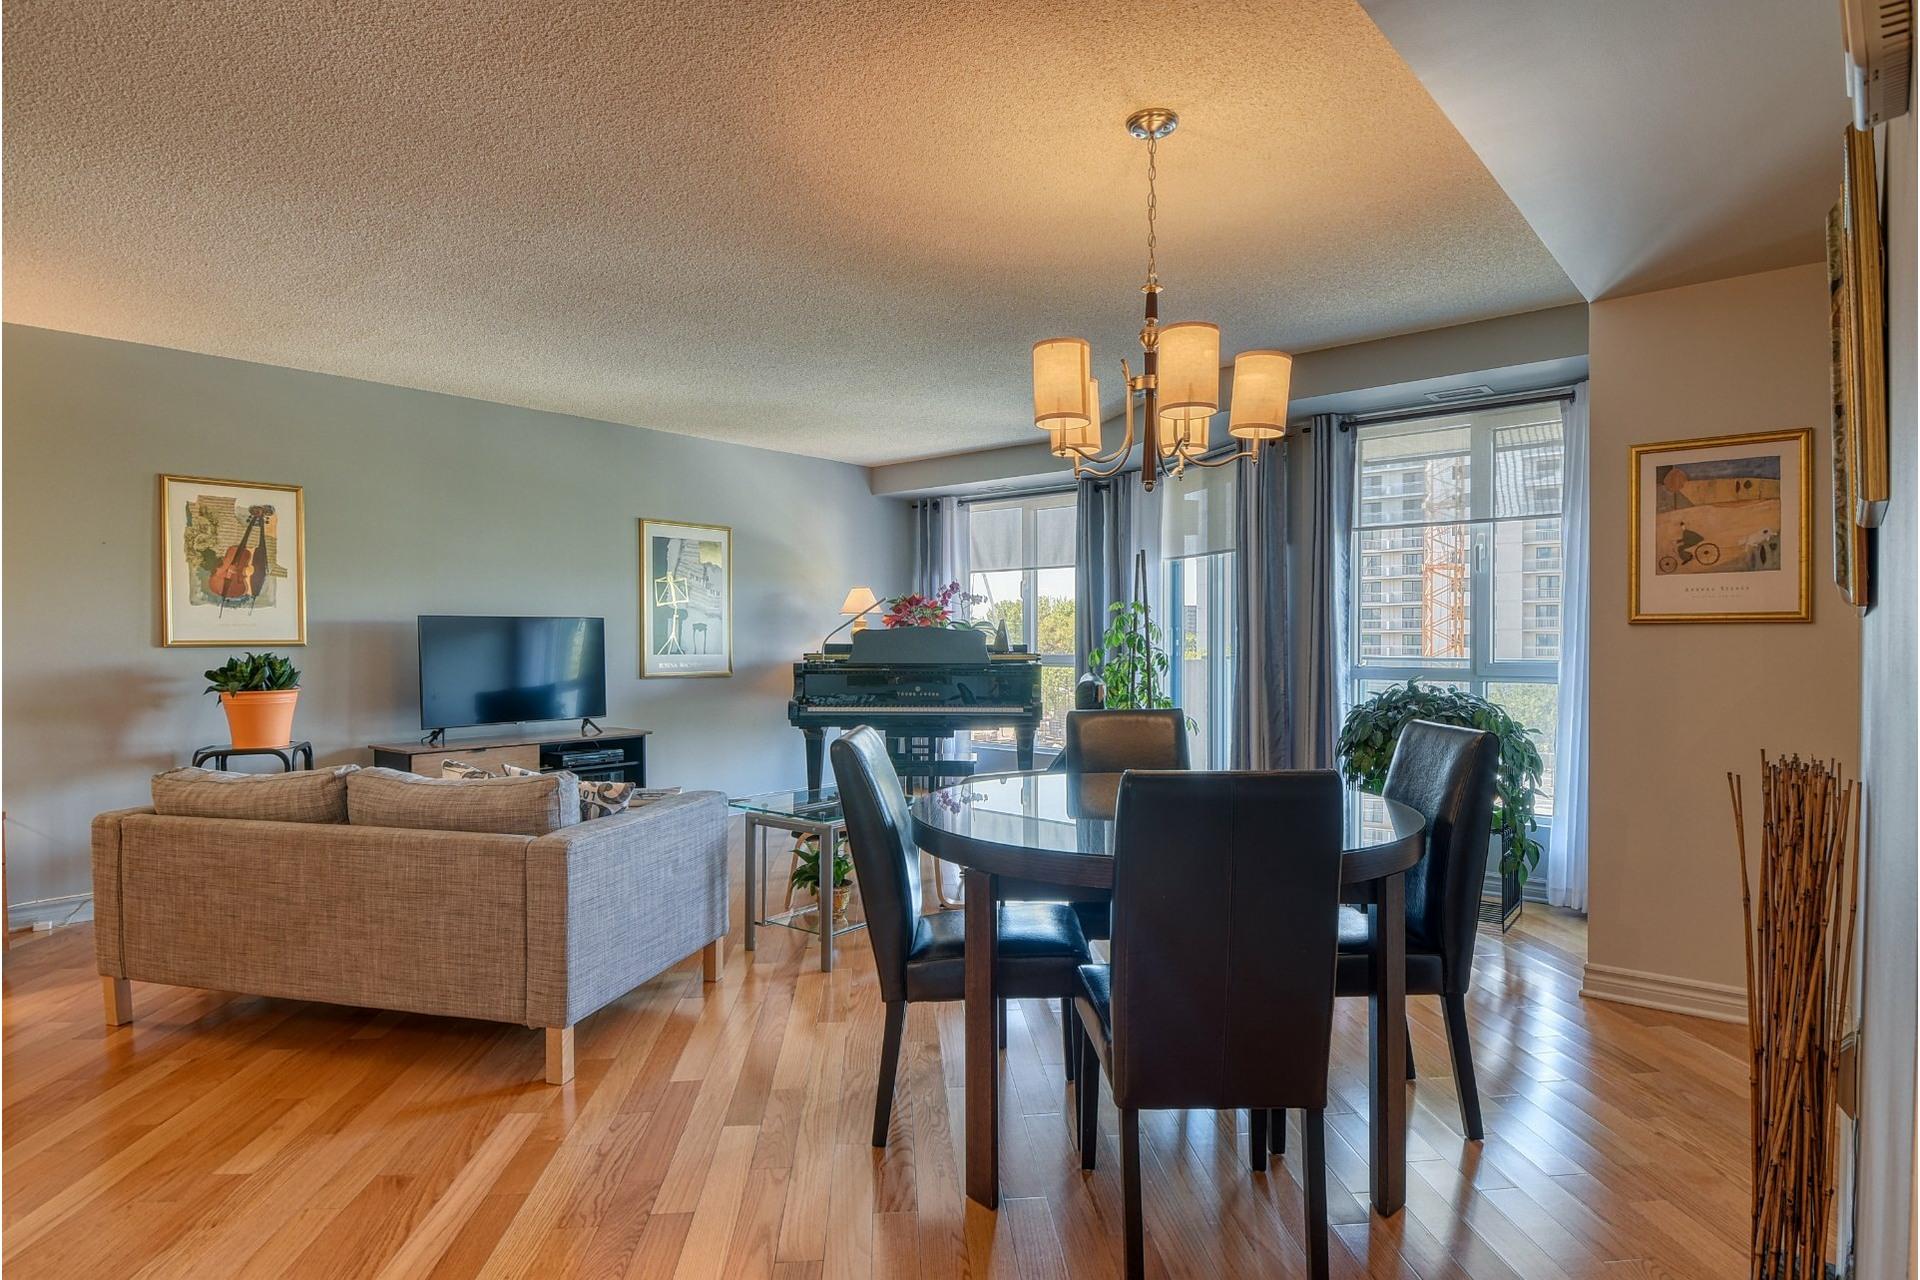 image 3 - Appartement À vendre Montréal-Nord Montréal  - 4 pièces